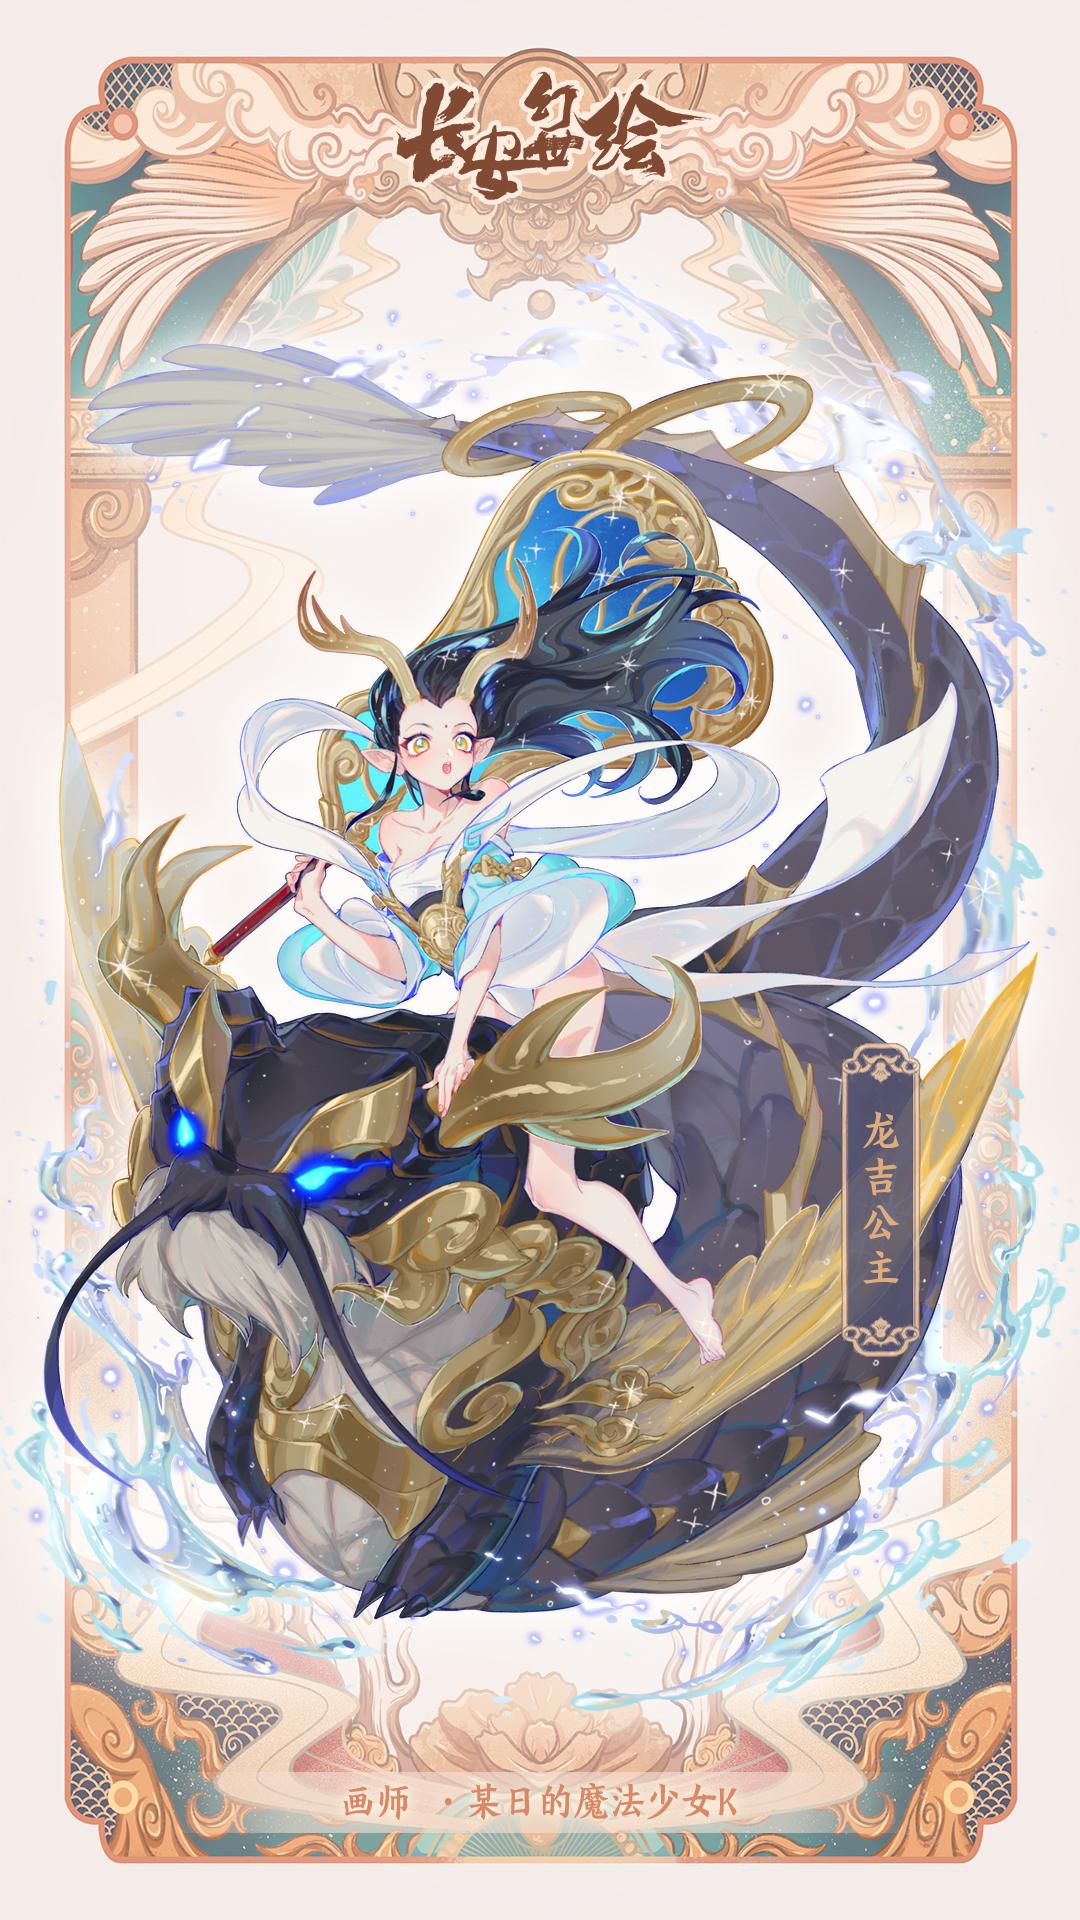 长安幻世绘-14-龙吉公主.jpg